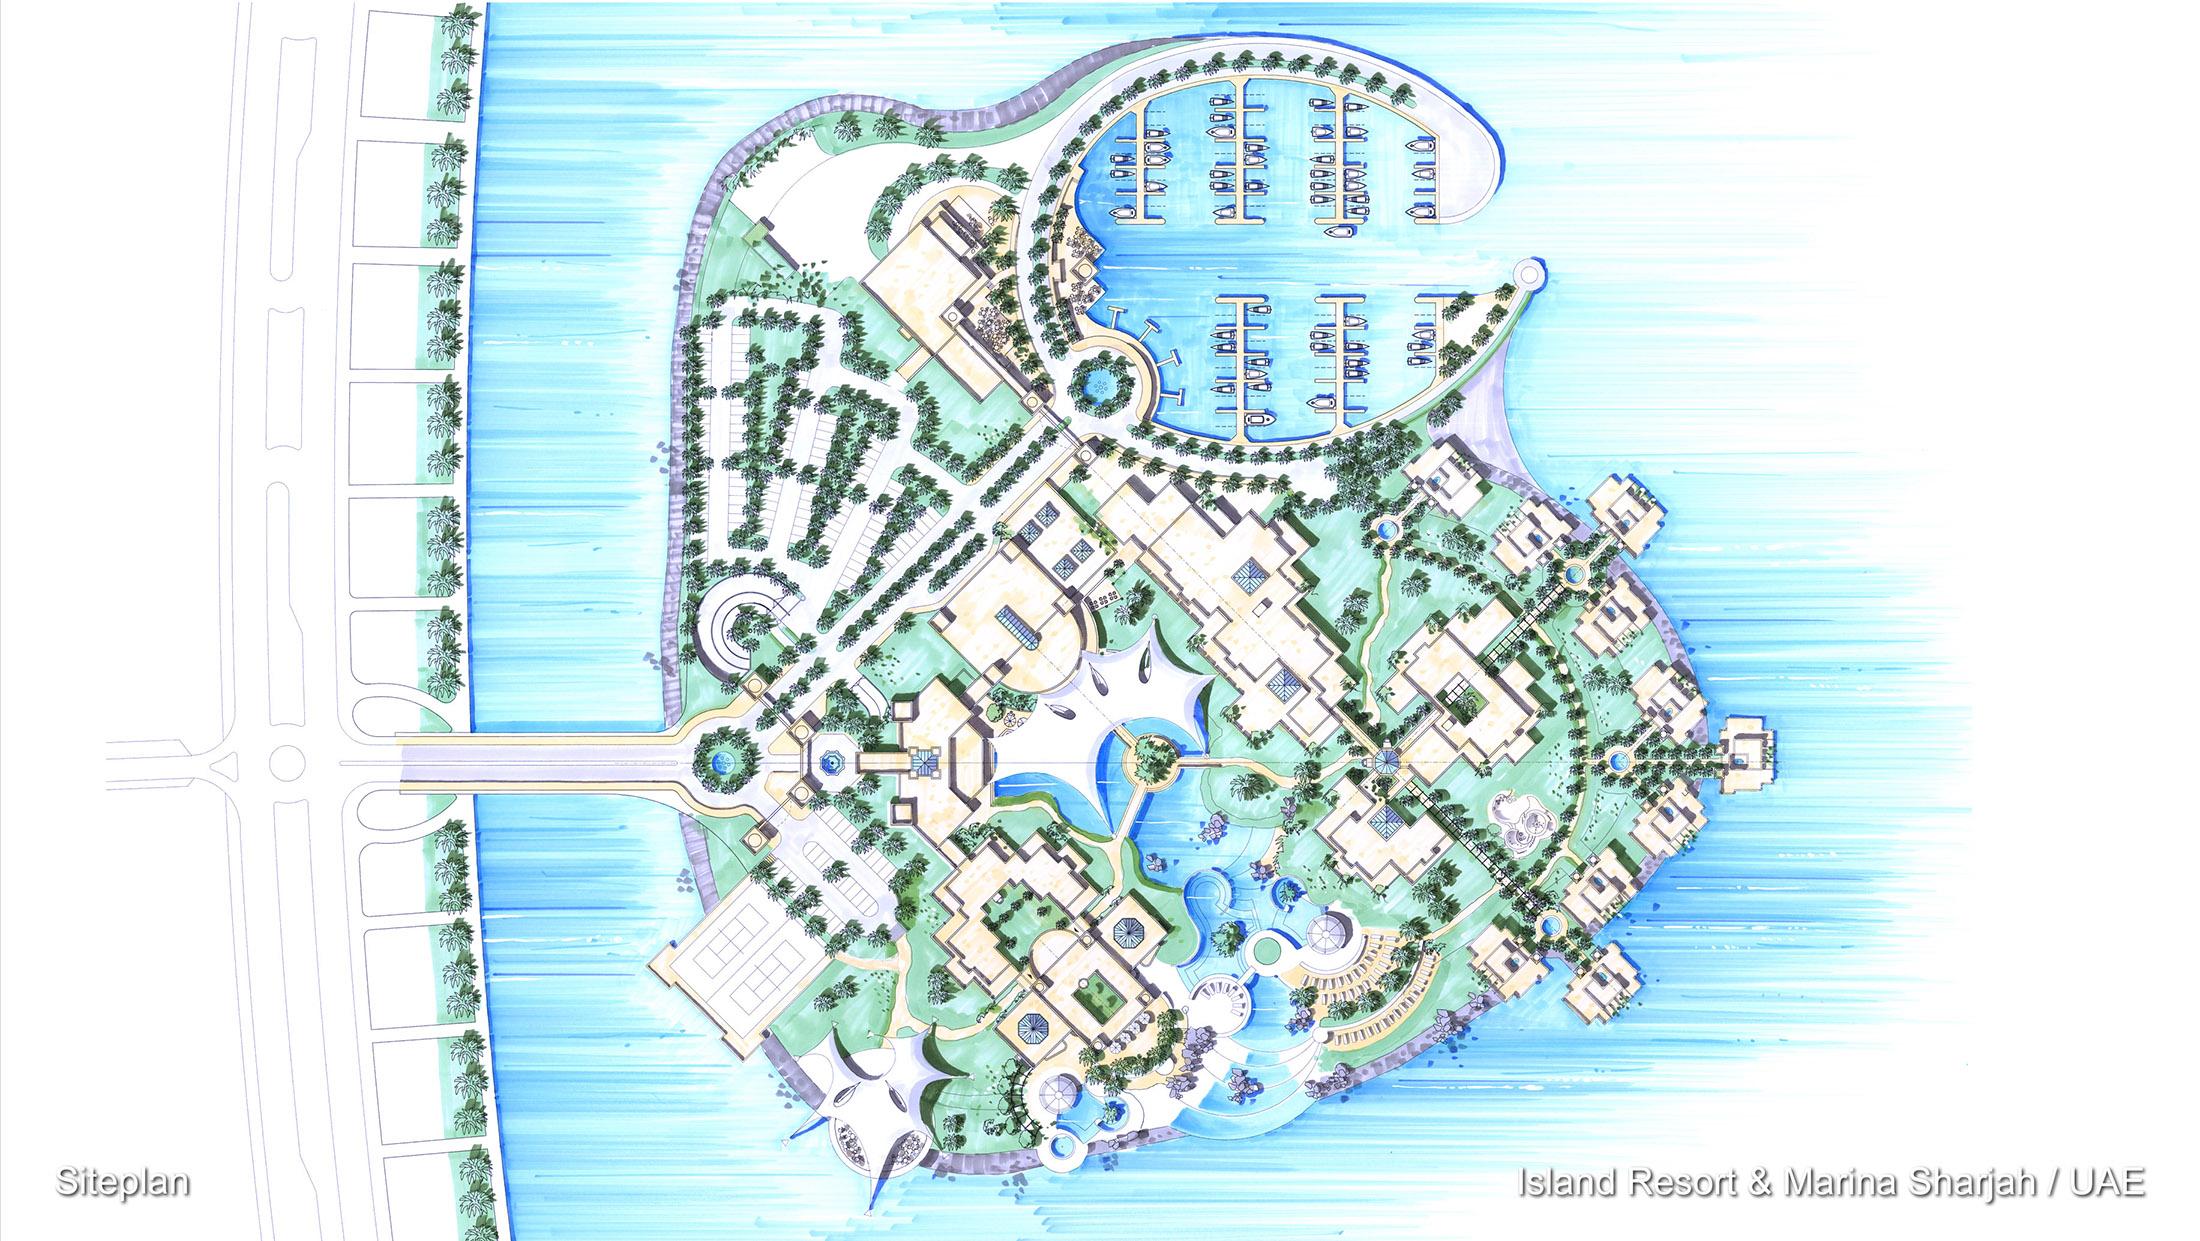 18_Island Resort Sharjah